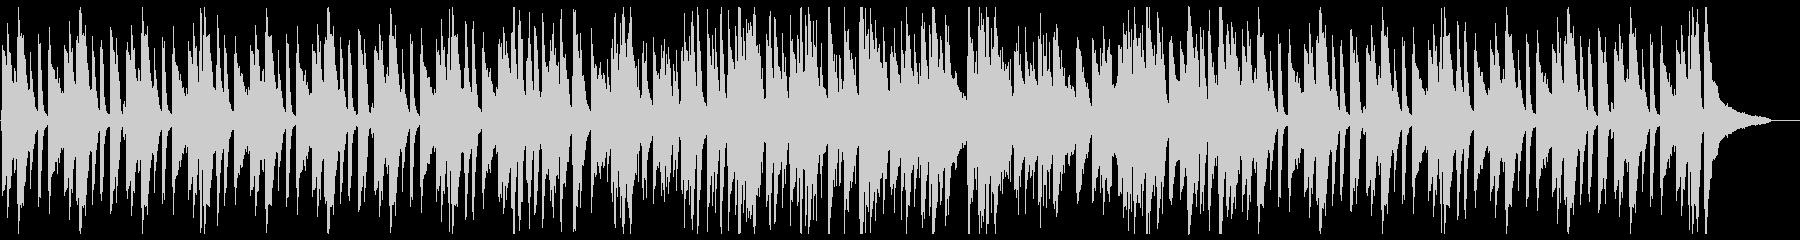 おしゃれなピアノトリオのアドリブジャズの未再生の波形